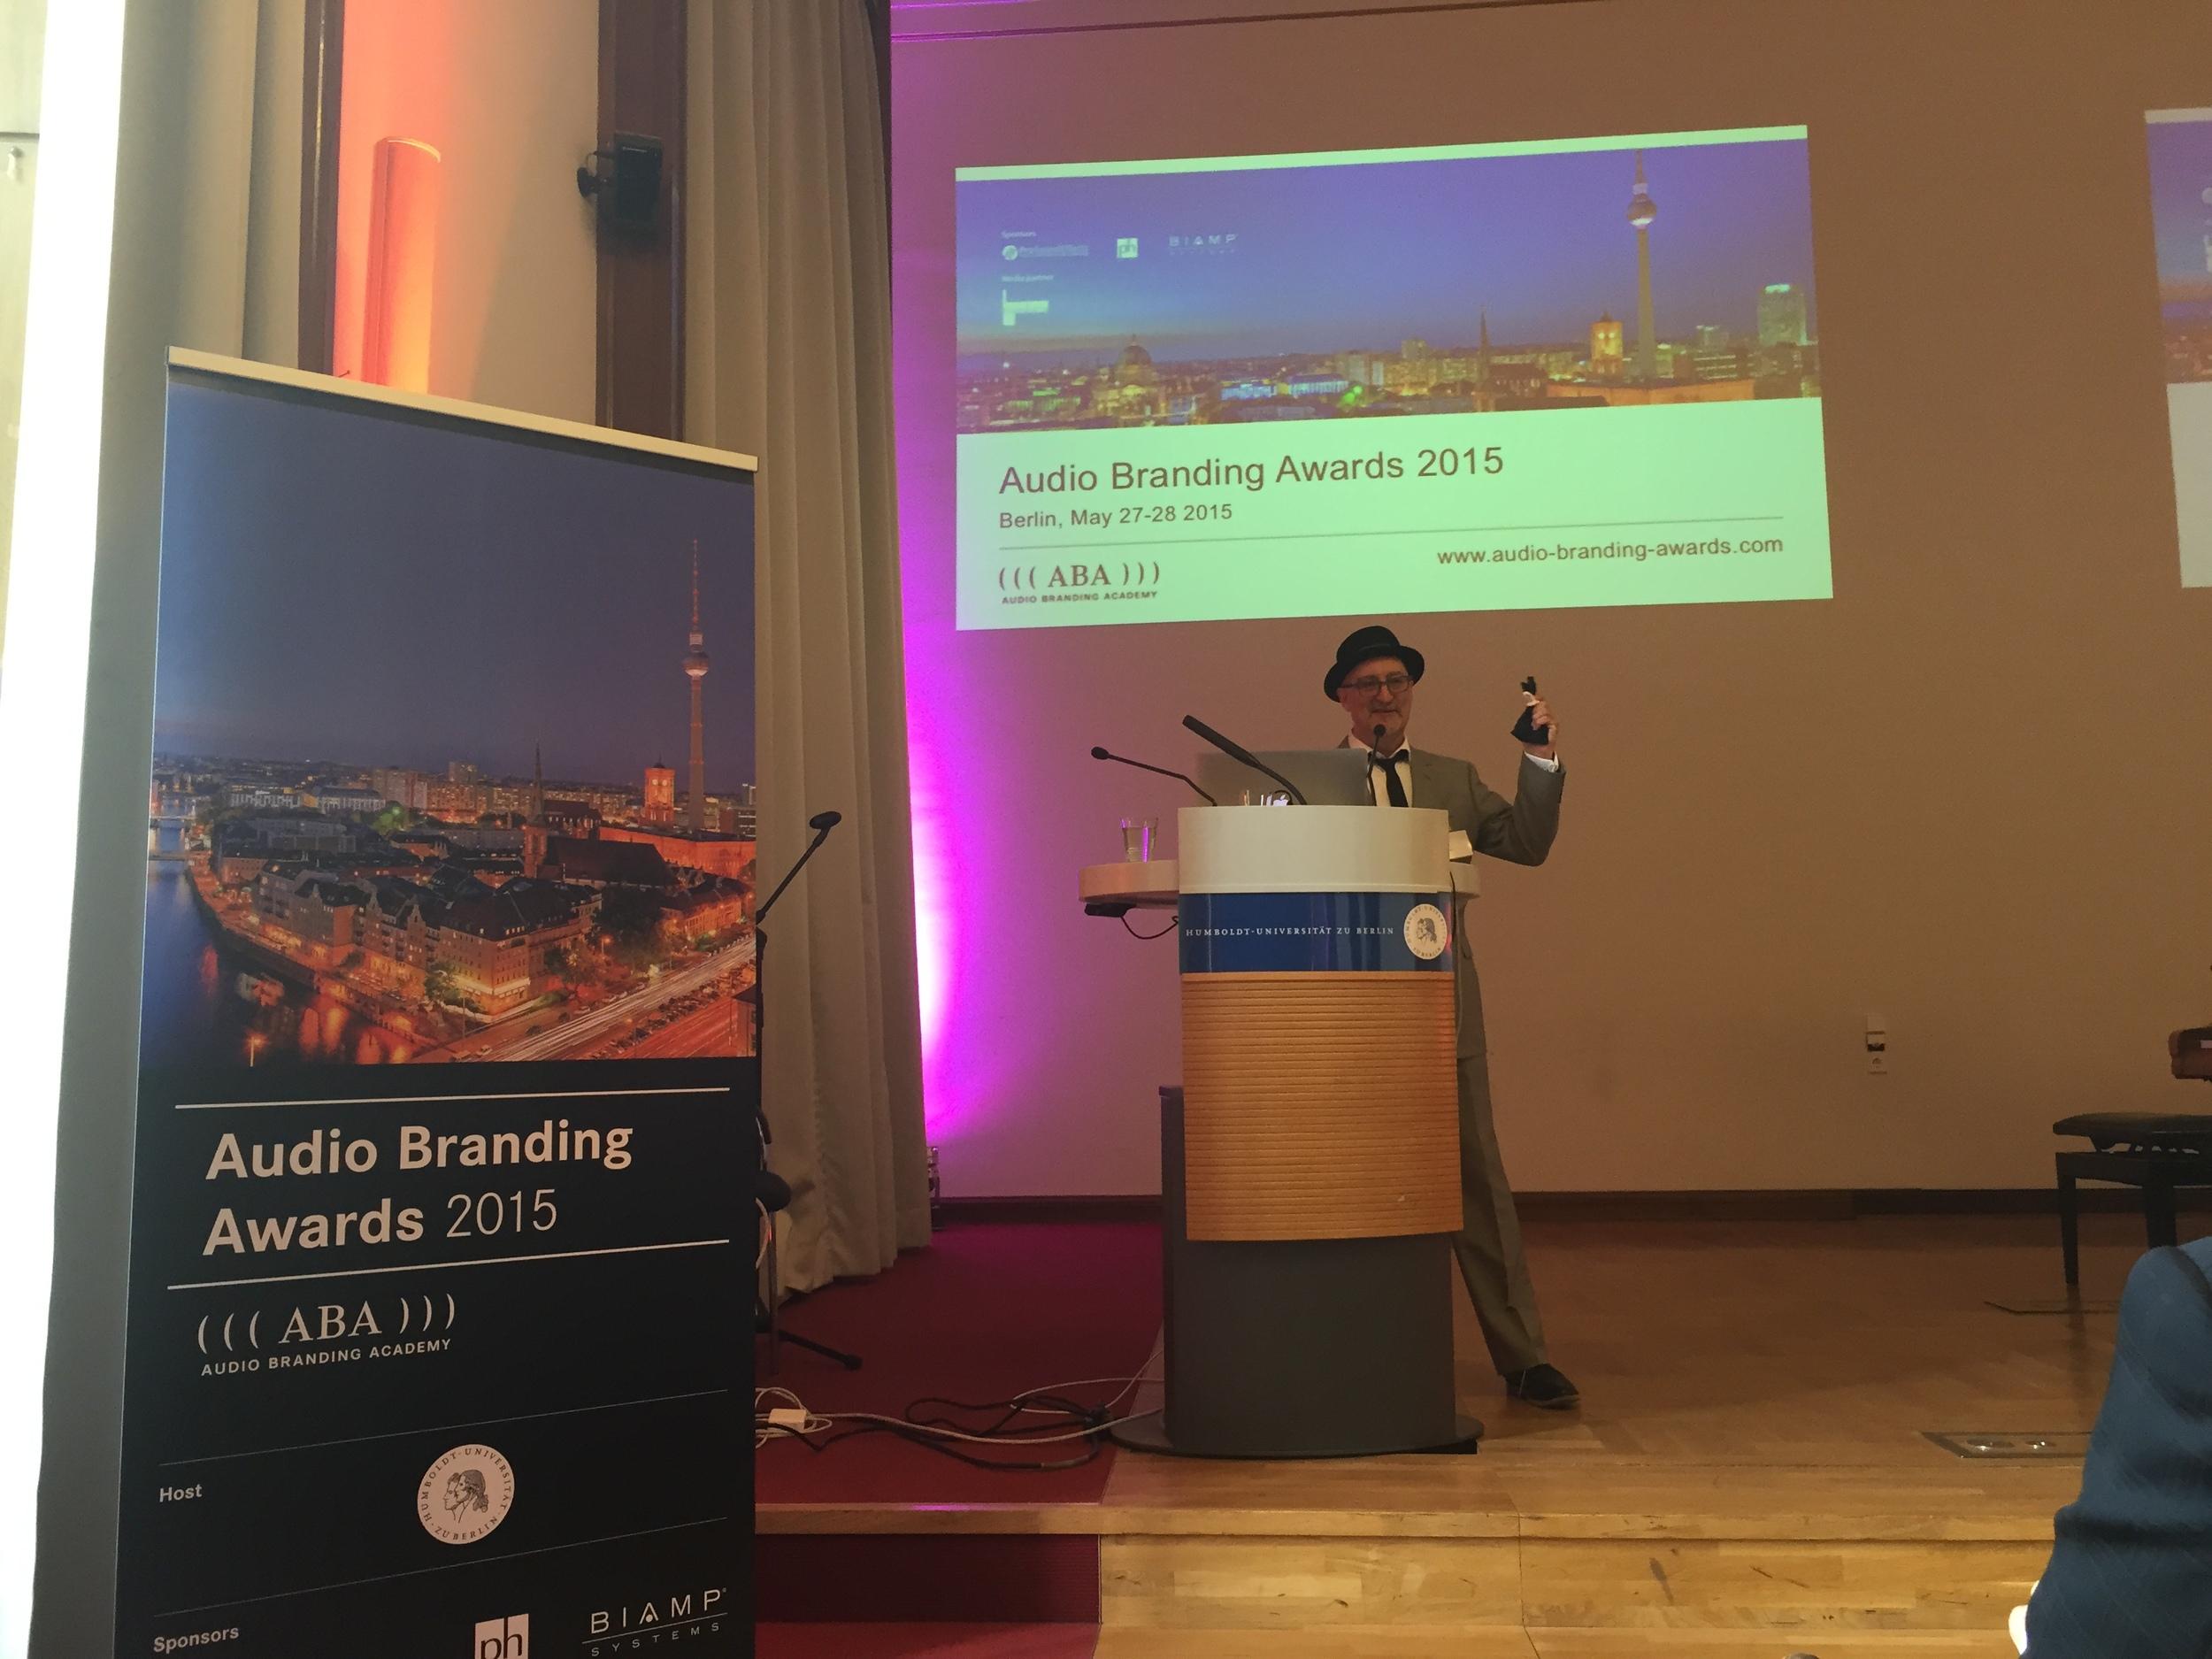 Steve Keller hosting at Audio Branding Academy (Berlin, Germany 2015)